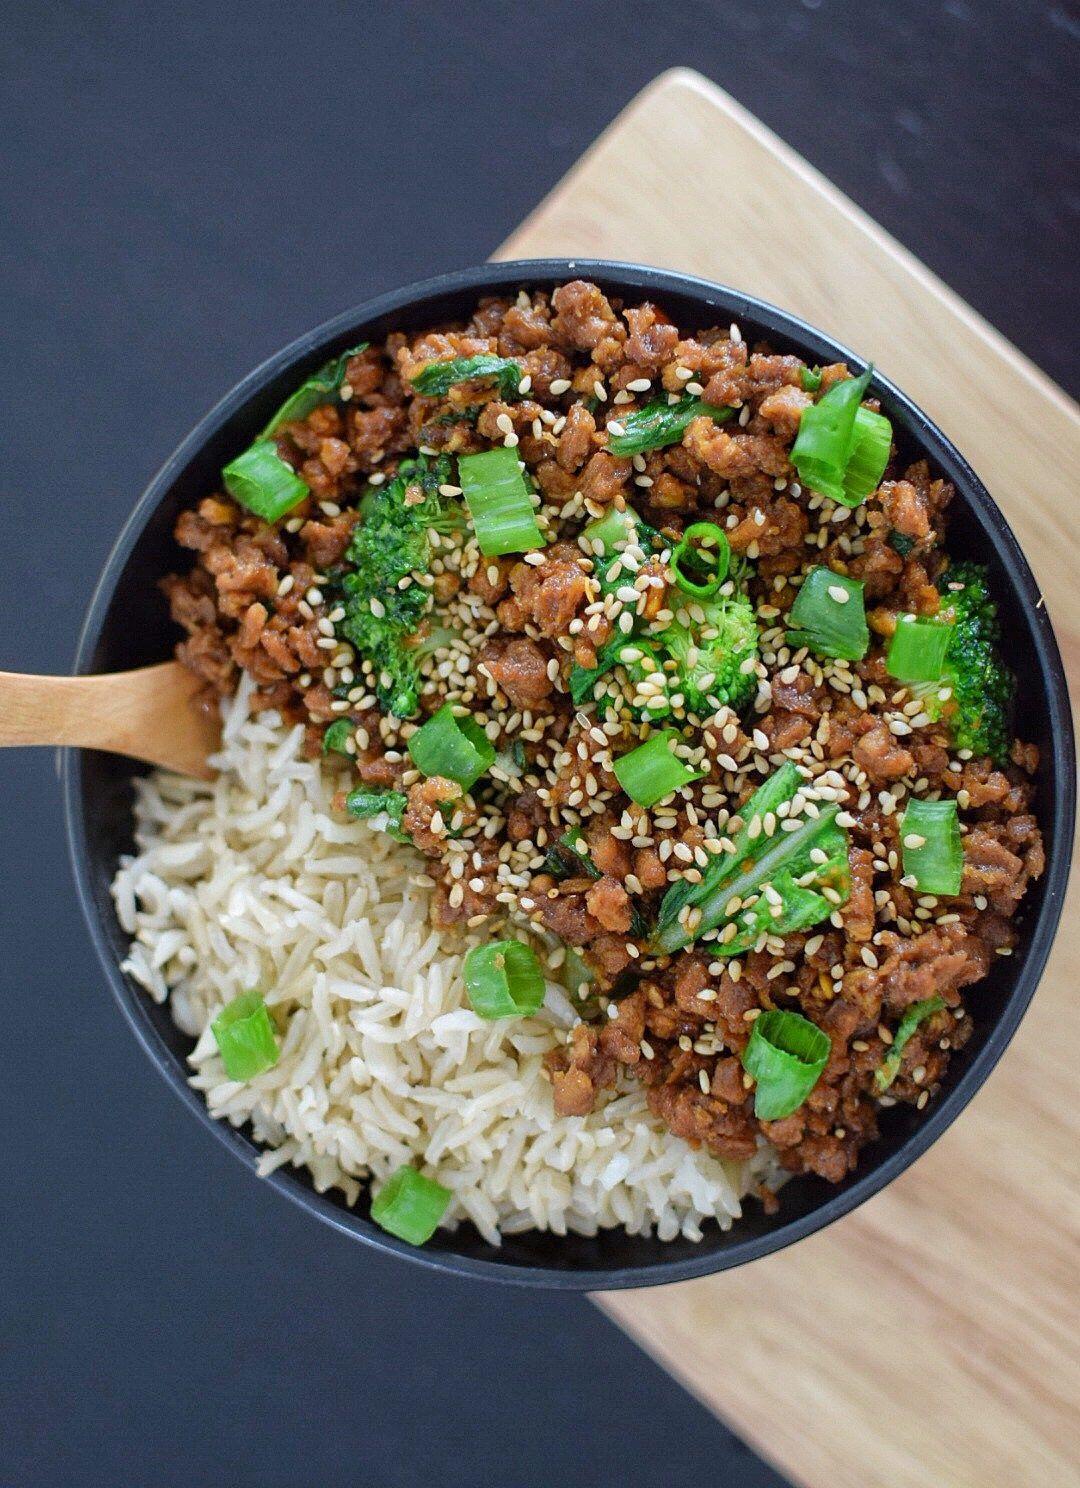 Vegan Korean Ginger Beef Low Fodmap Gluten Free Low Fodmap Recipes Dinner Fodmap Recipes Dinner Fodmap Lunch